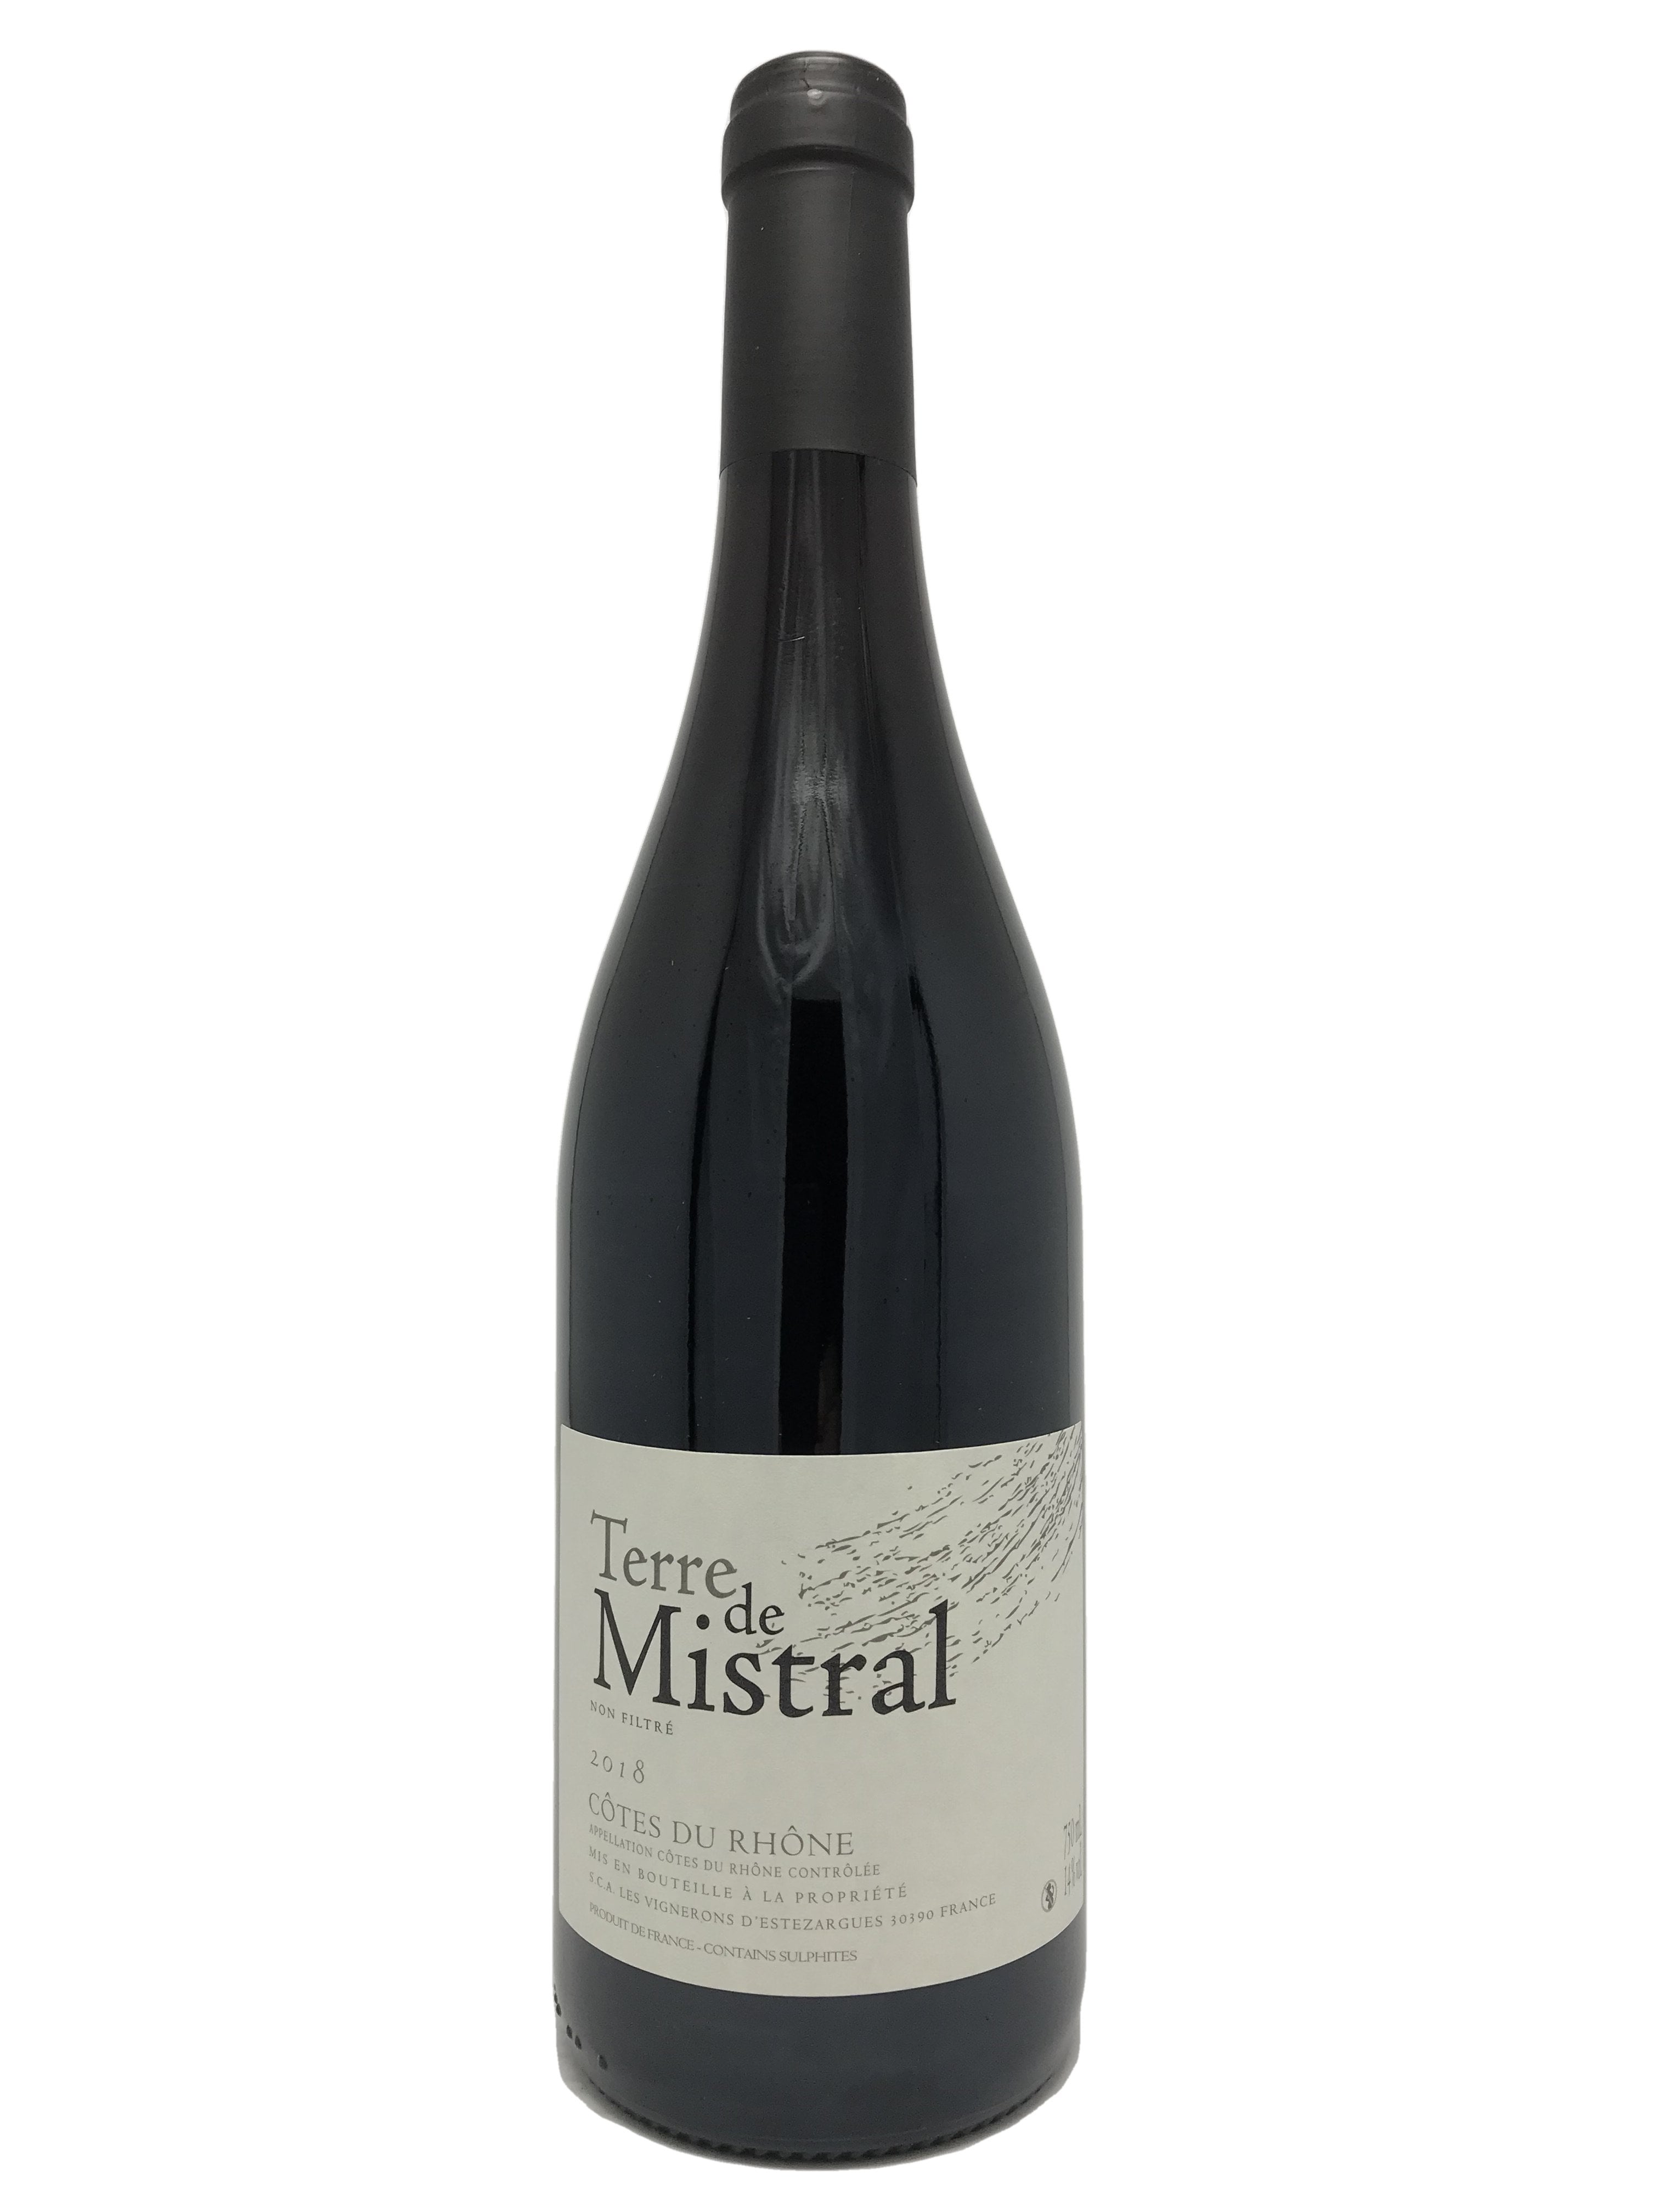 Terre De Mistral Cotes Du Rhone The Stroud Wine Company